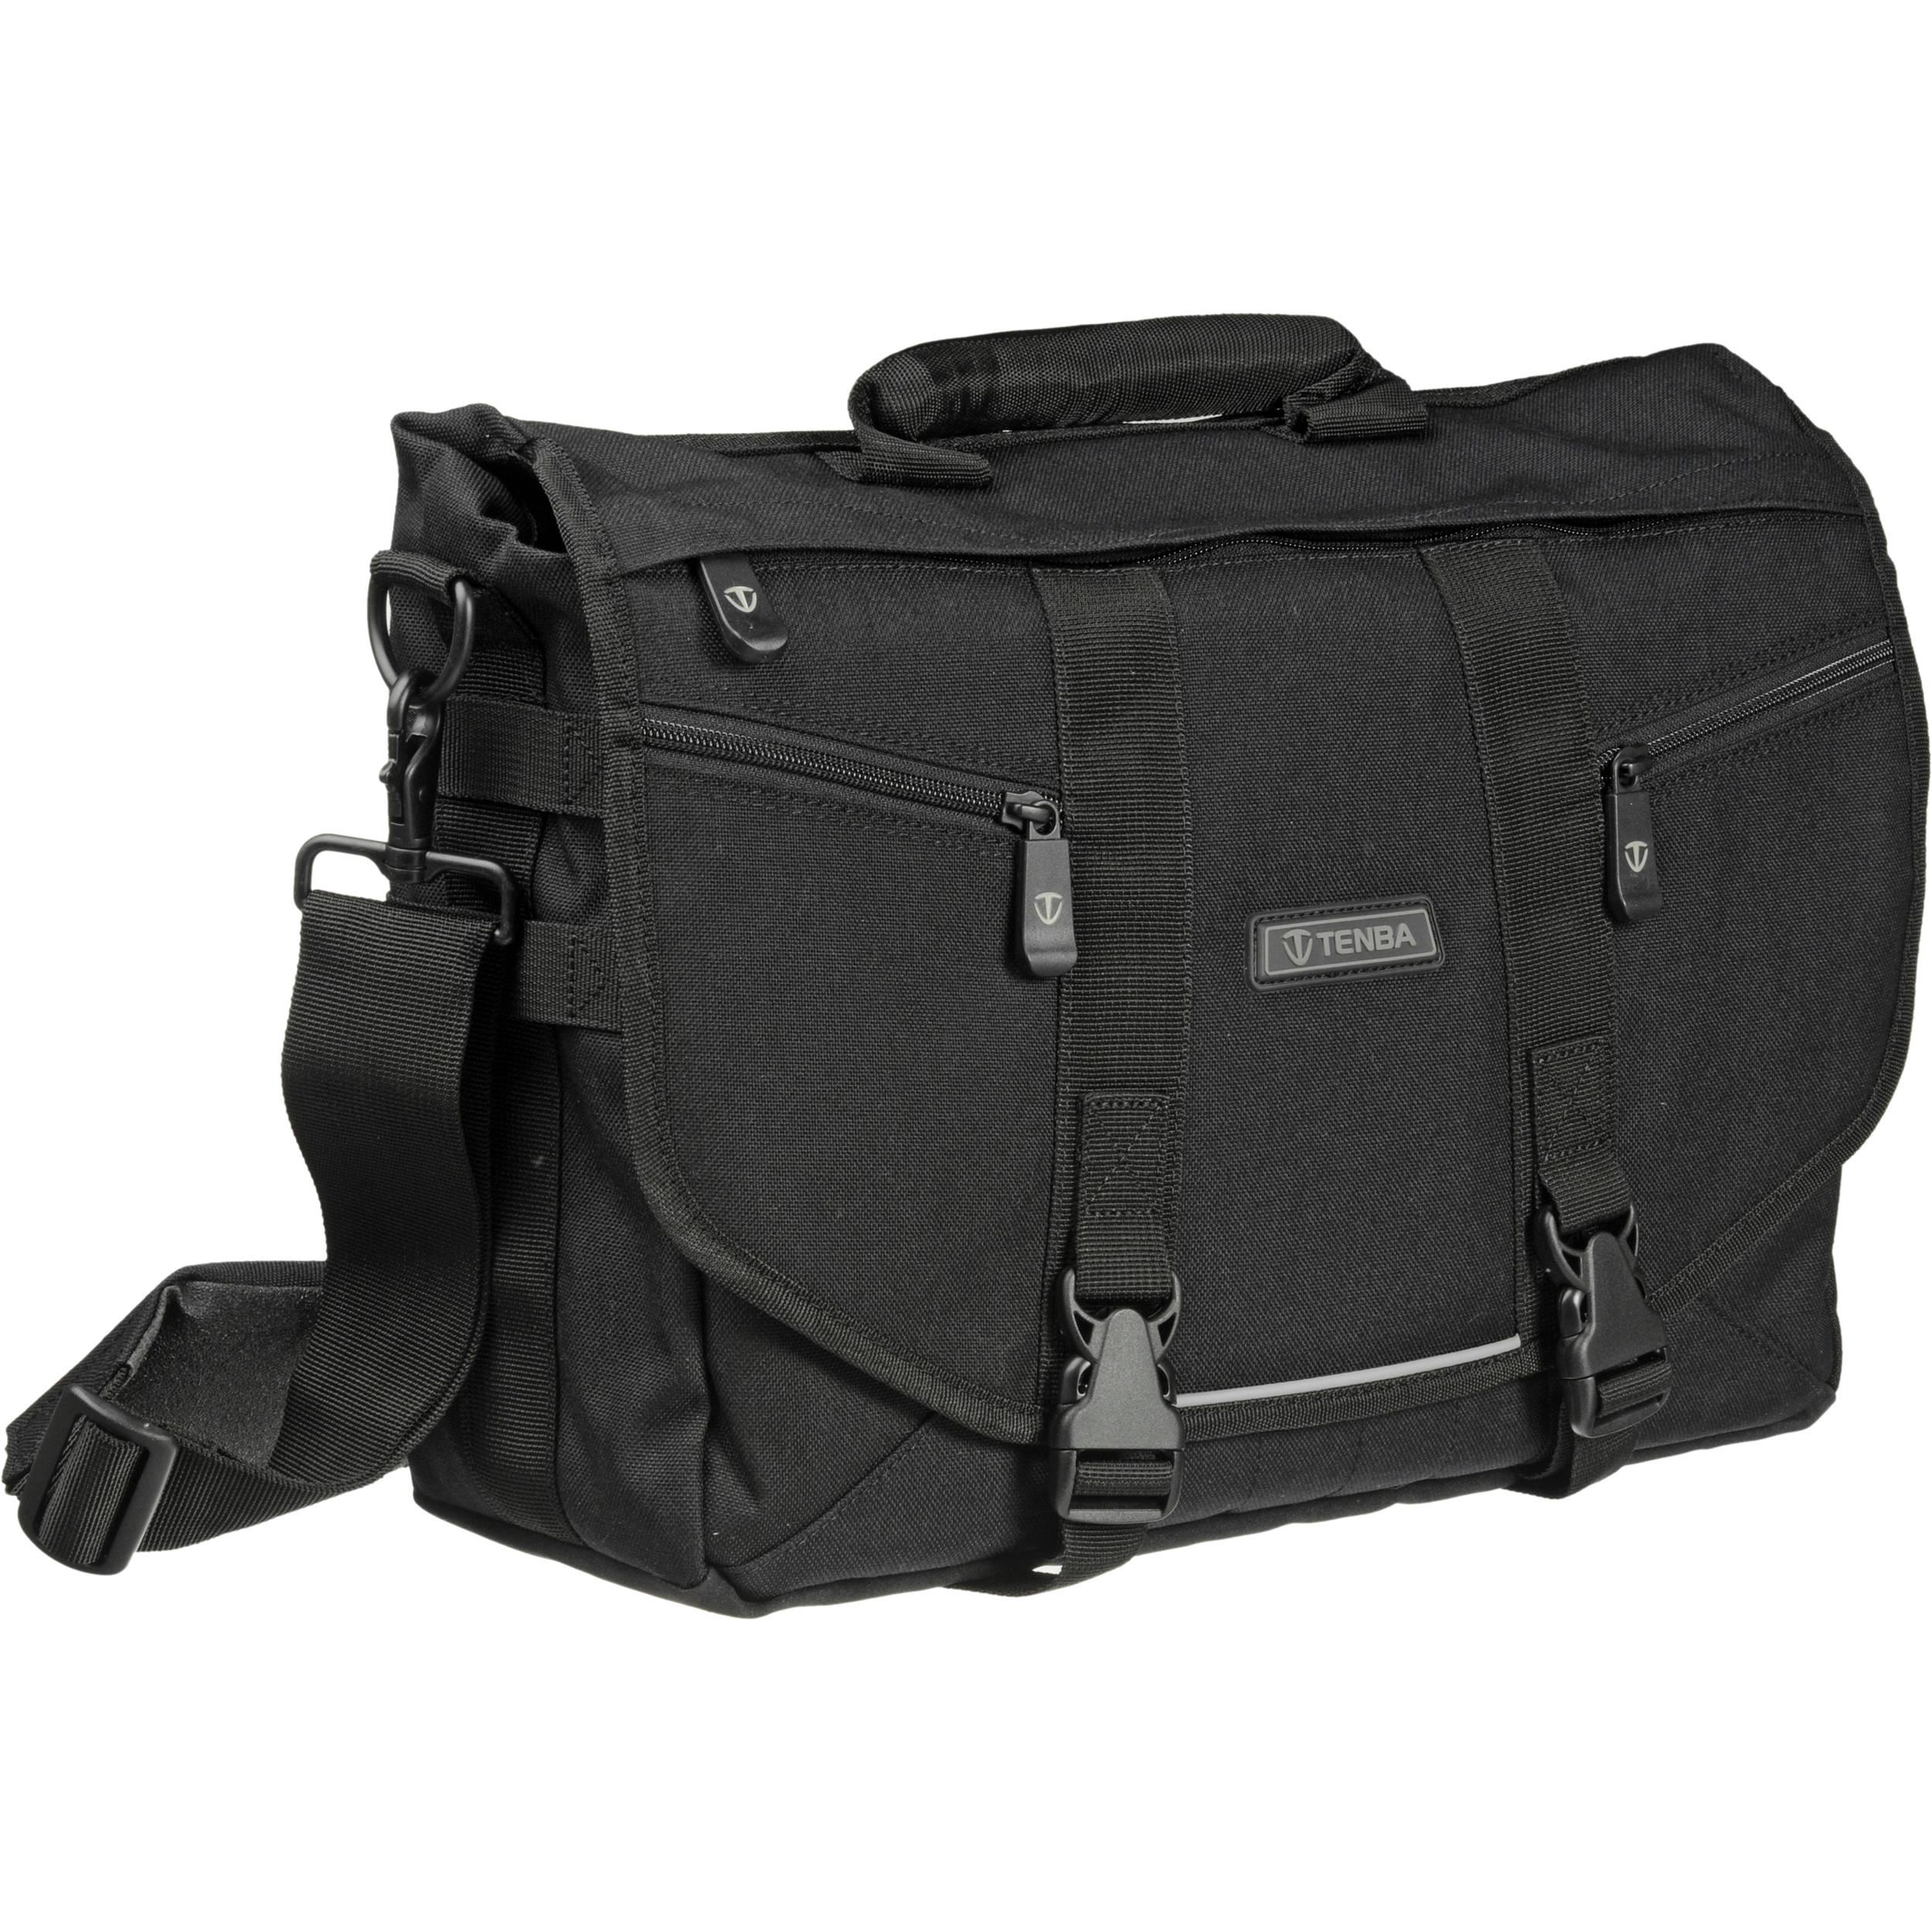 Tenba Messenger Shoulder Bag 104